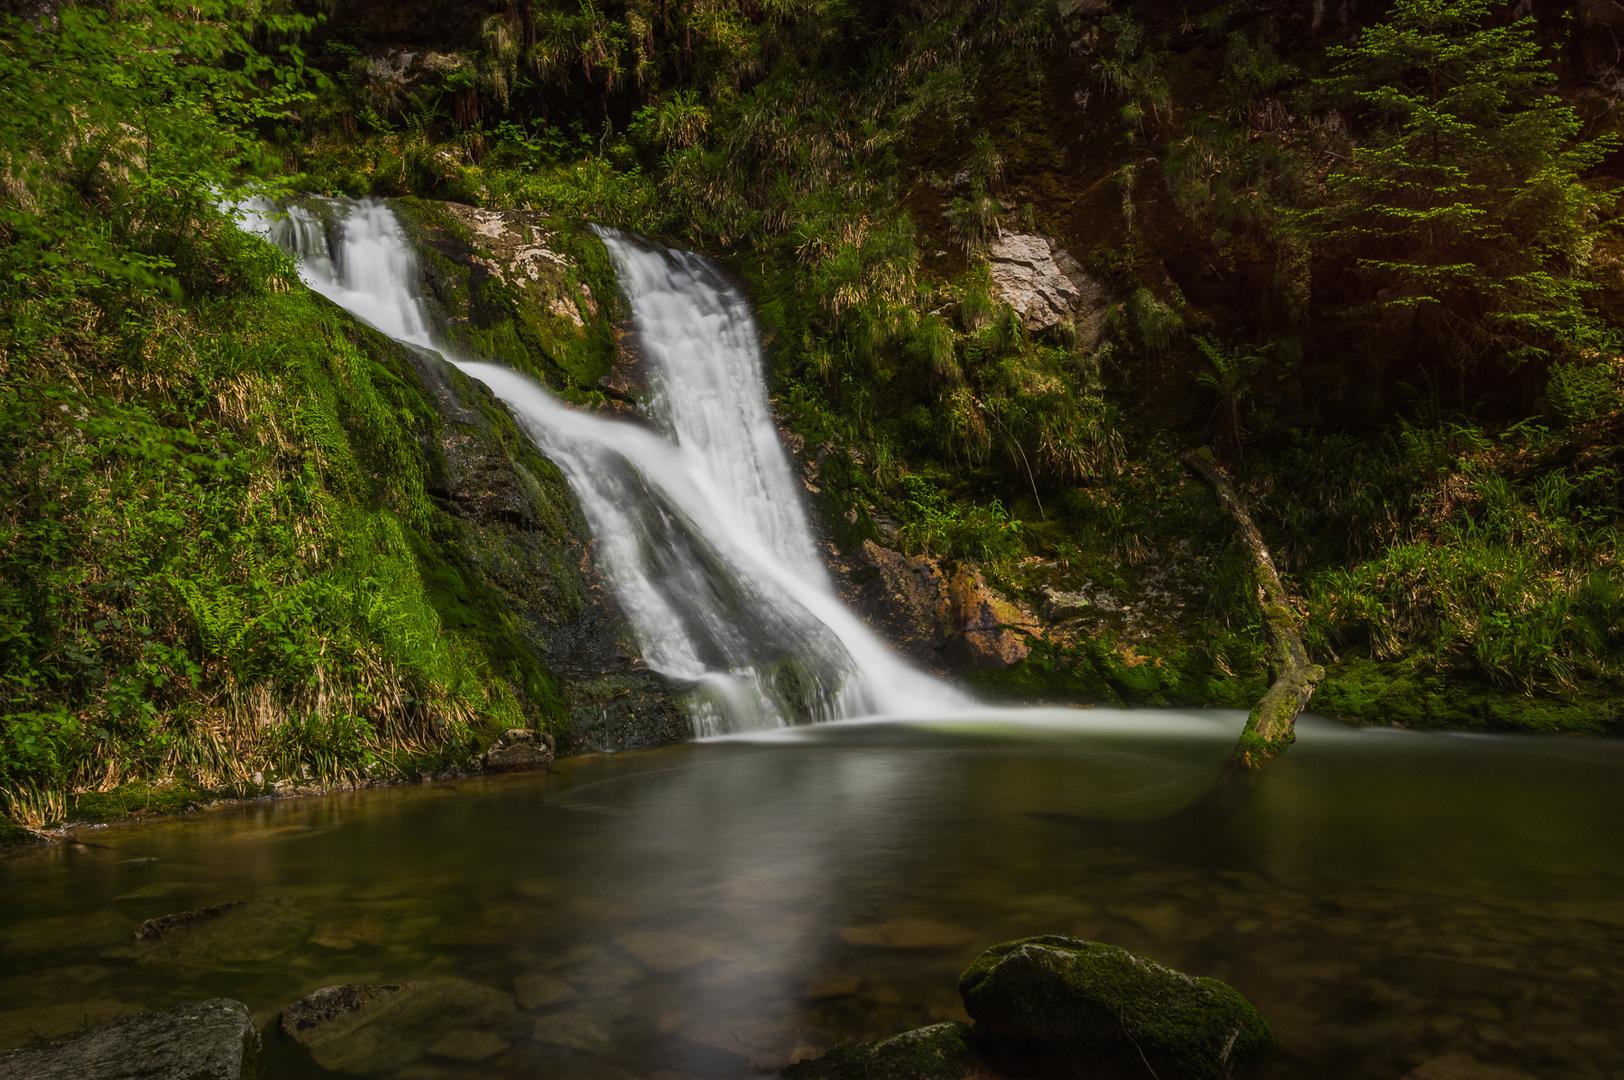 Wasserfall bei Allerheiligen